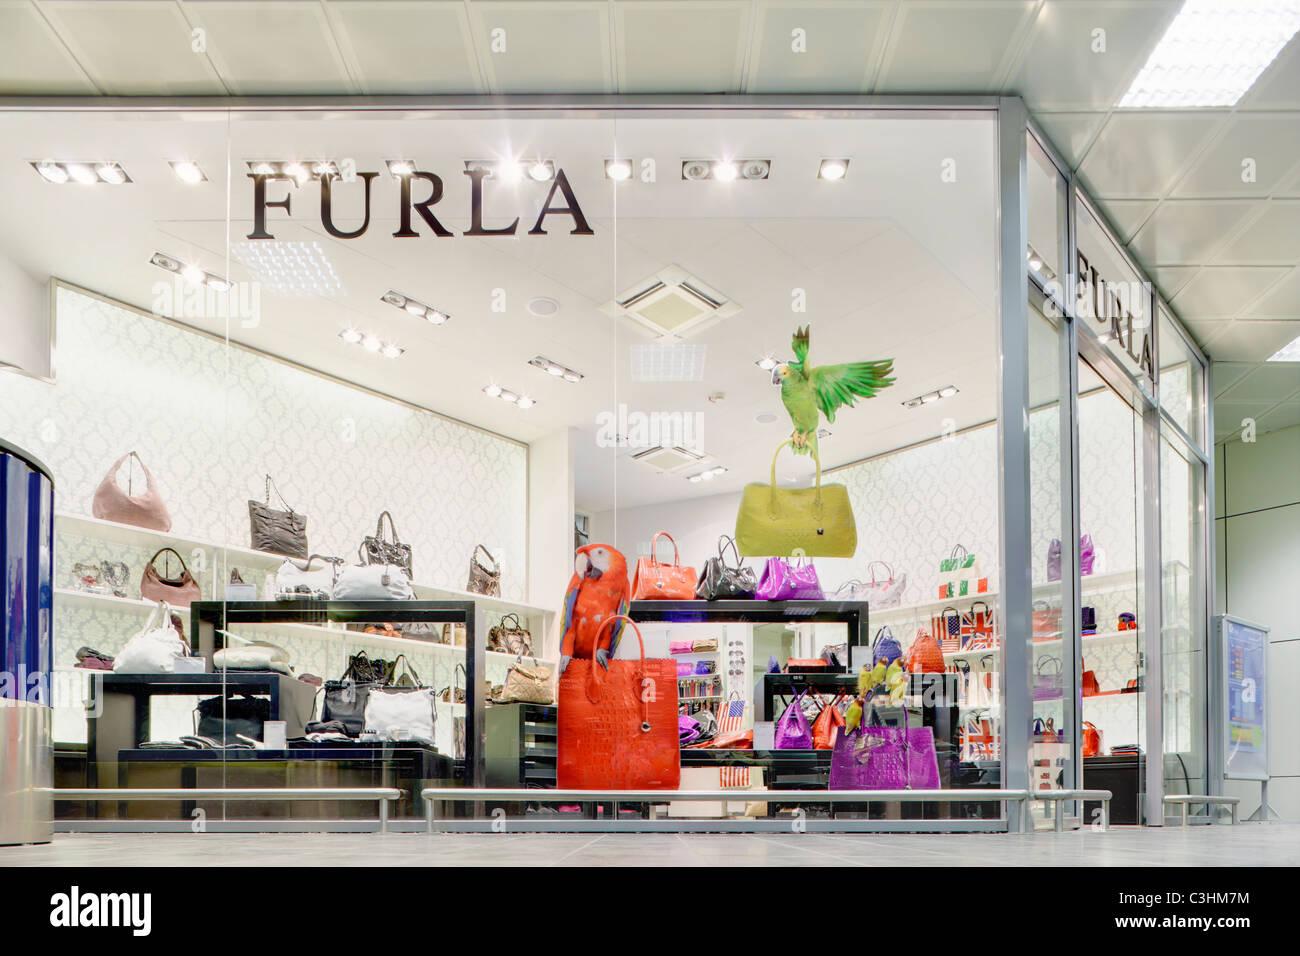 Furla luxury handbags brand shop store in the departures ...